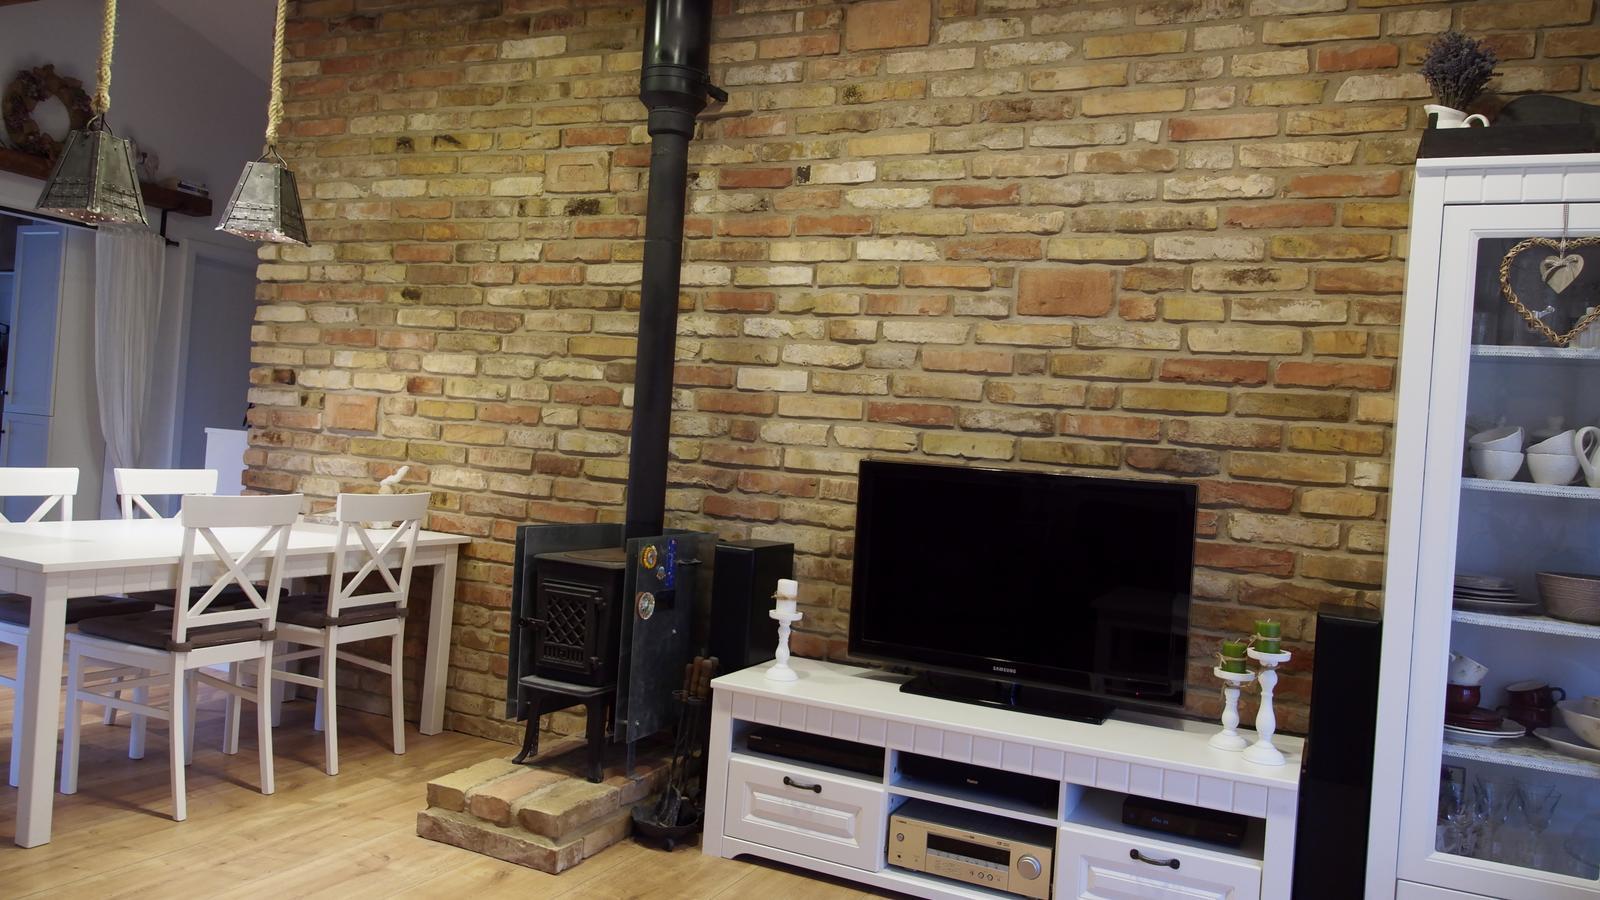 Náš domček ♡ Bramasole ♡ ... Stilo interiér aj exteriér 3. rok bývania - Obrázok č. 3